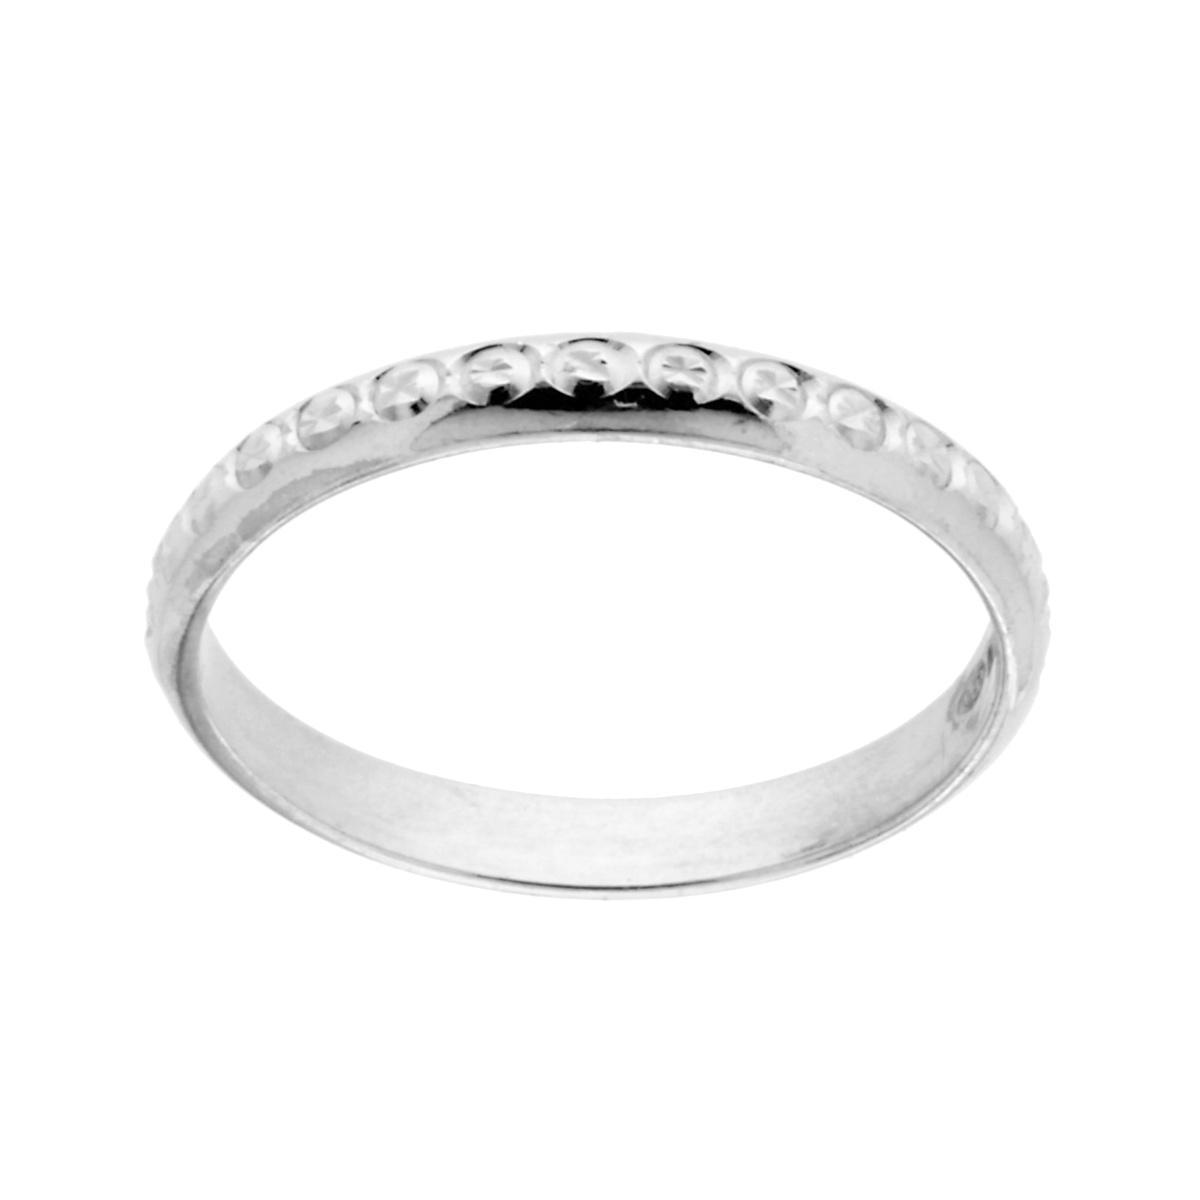 molto carino e0b40 be901 Anello Fedina di Fidanzamento Lui e Lei Diamantata in ARGENTO 925 Rodiato  12537